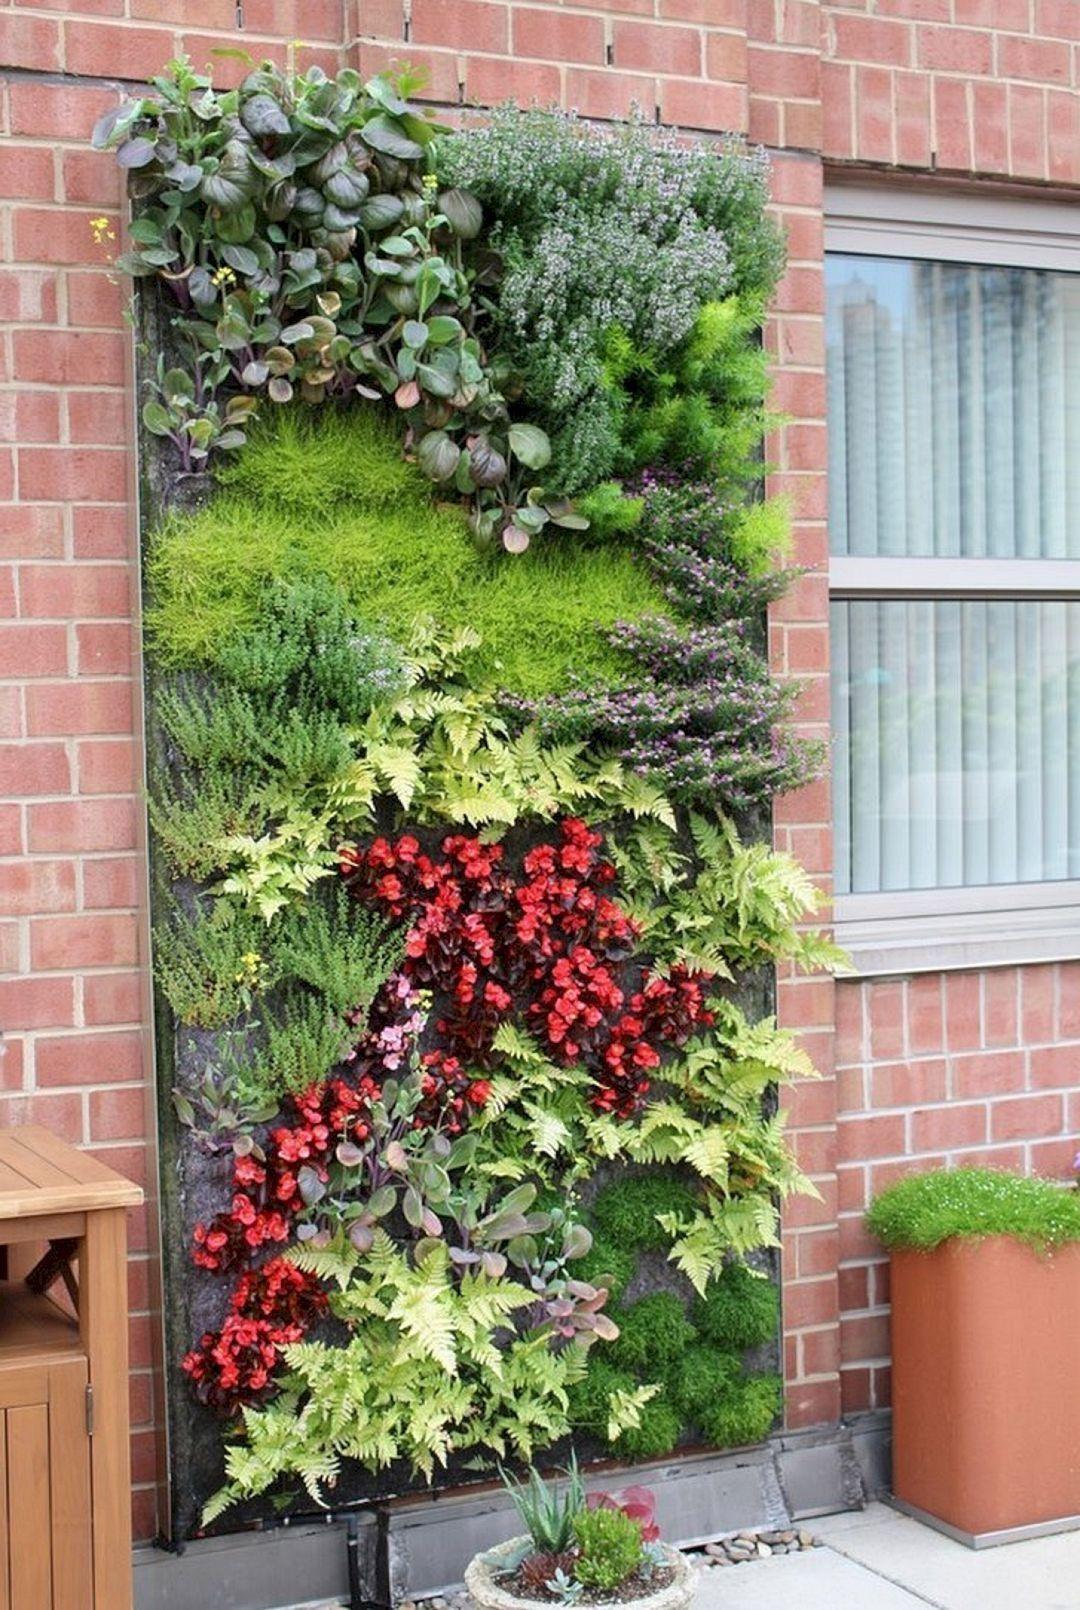 30 Outstanding Diy Wall Gardens Outdoor Design Ideas That Inspire You Vertical Garden Design Vertical Garden Diy Vertical Garden